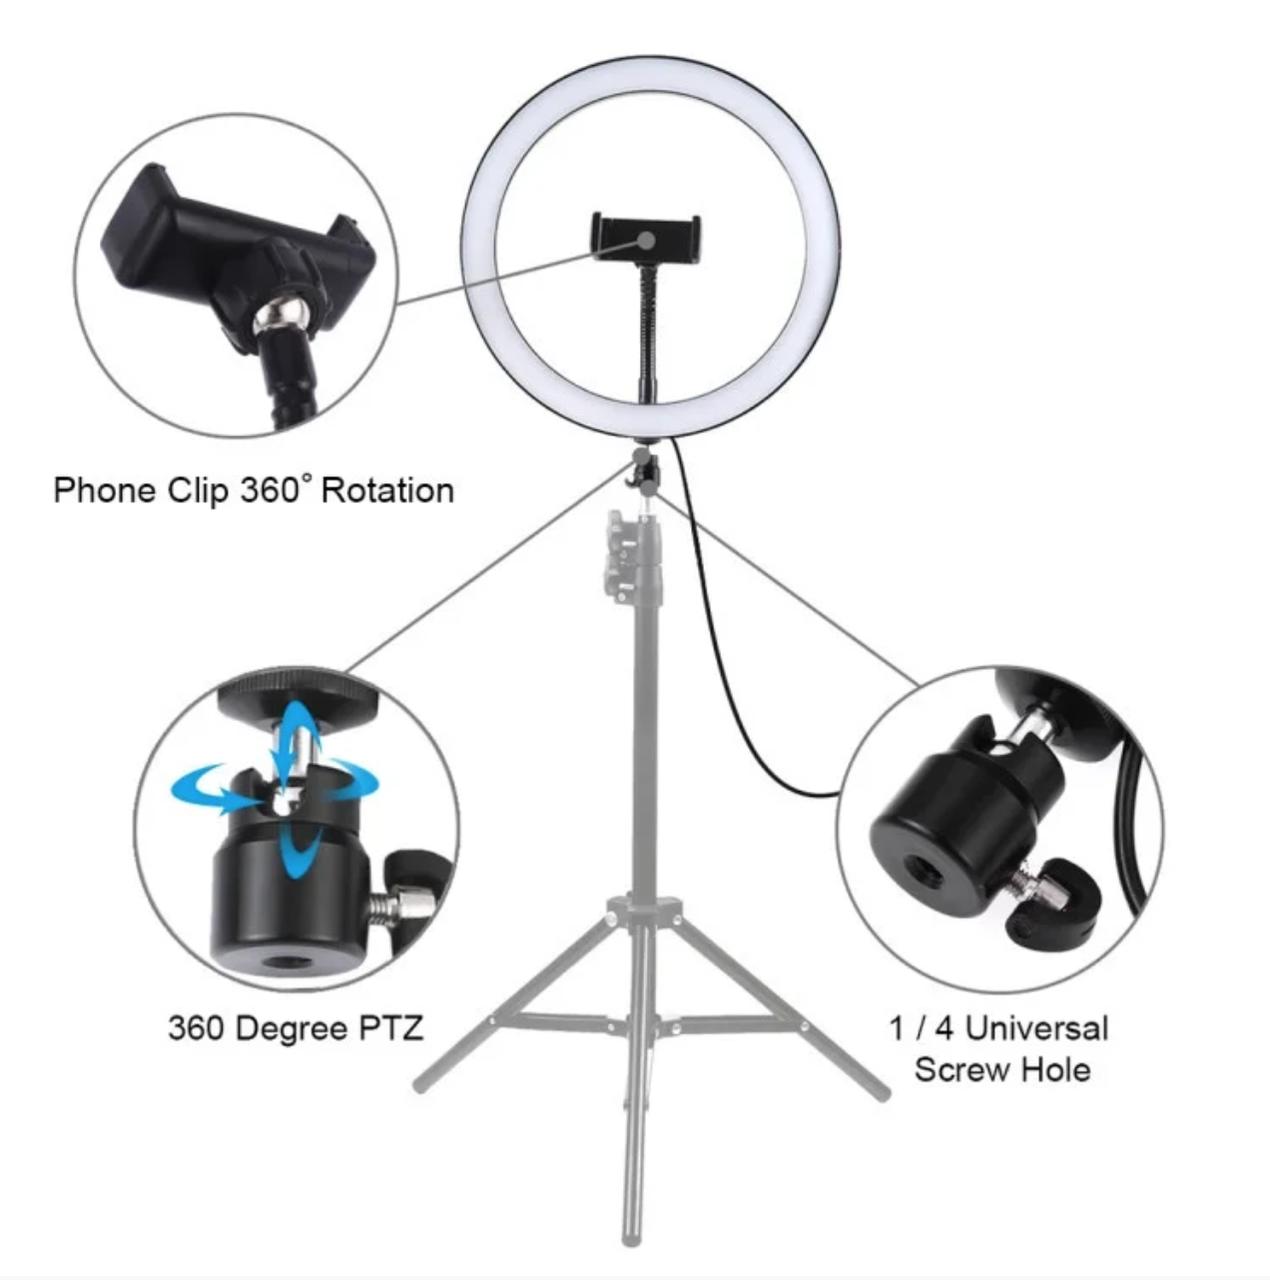 Кільцева лампа для б'юті майстрів і блогерів (30 см. діаметр) - БЕЗ ШТАТИВА! (світлове кільце)